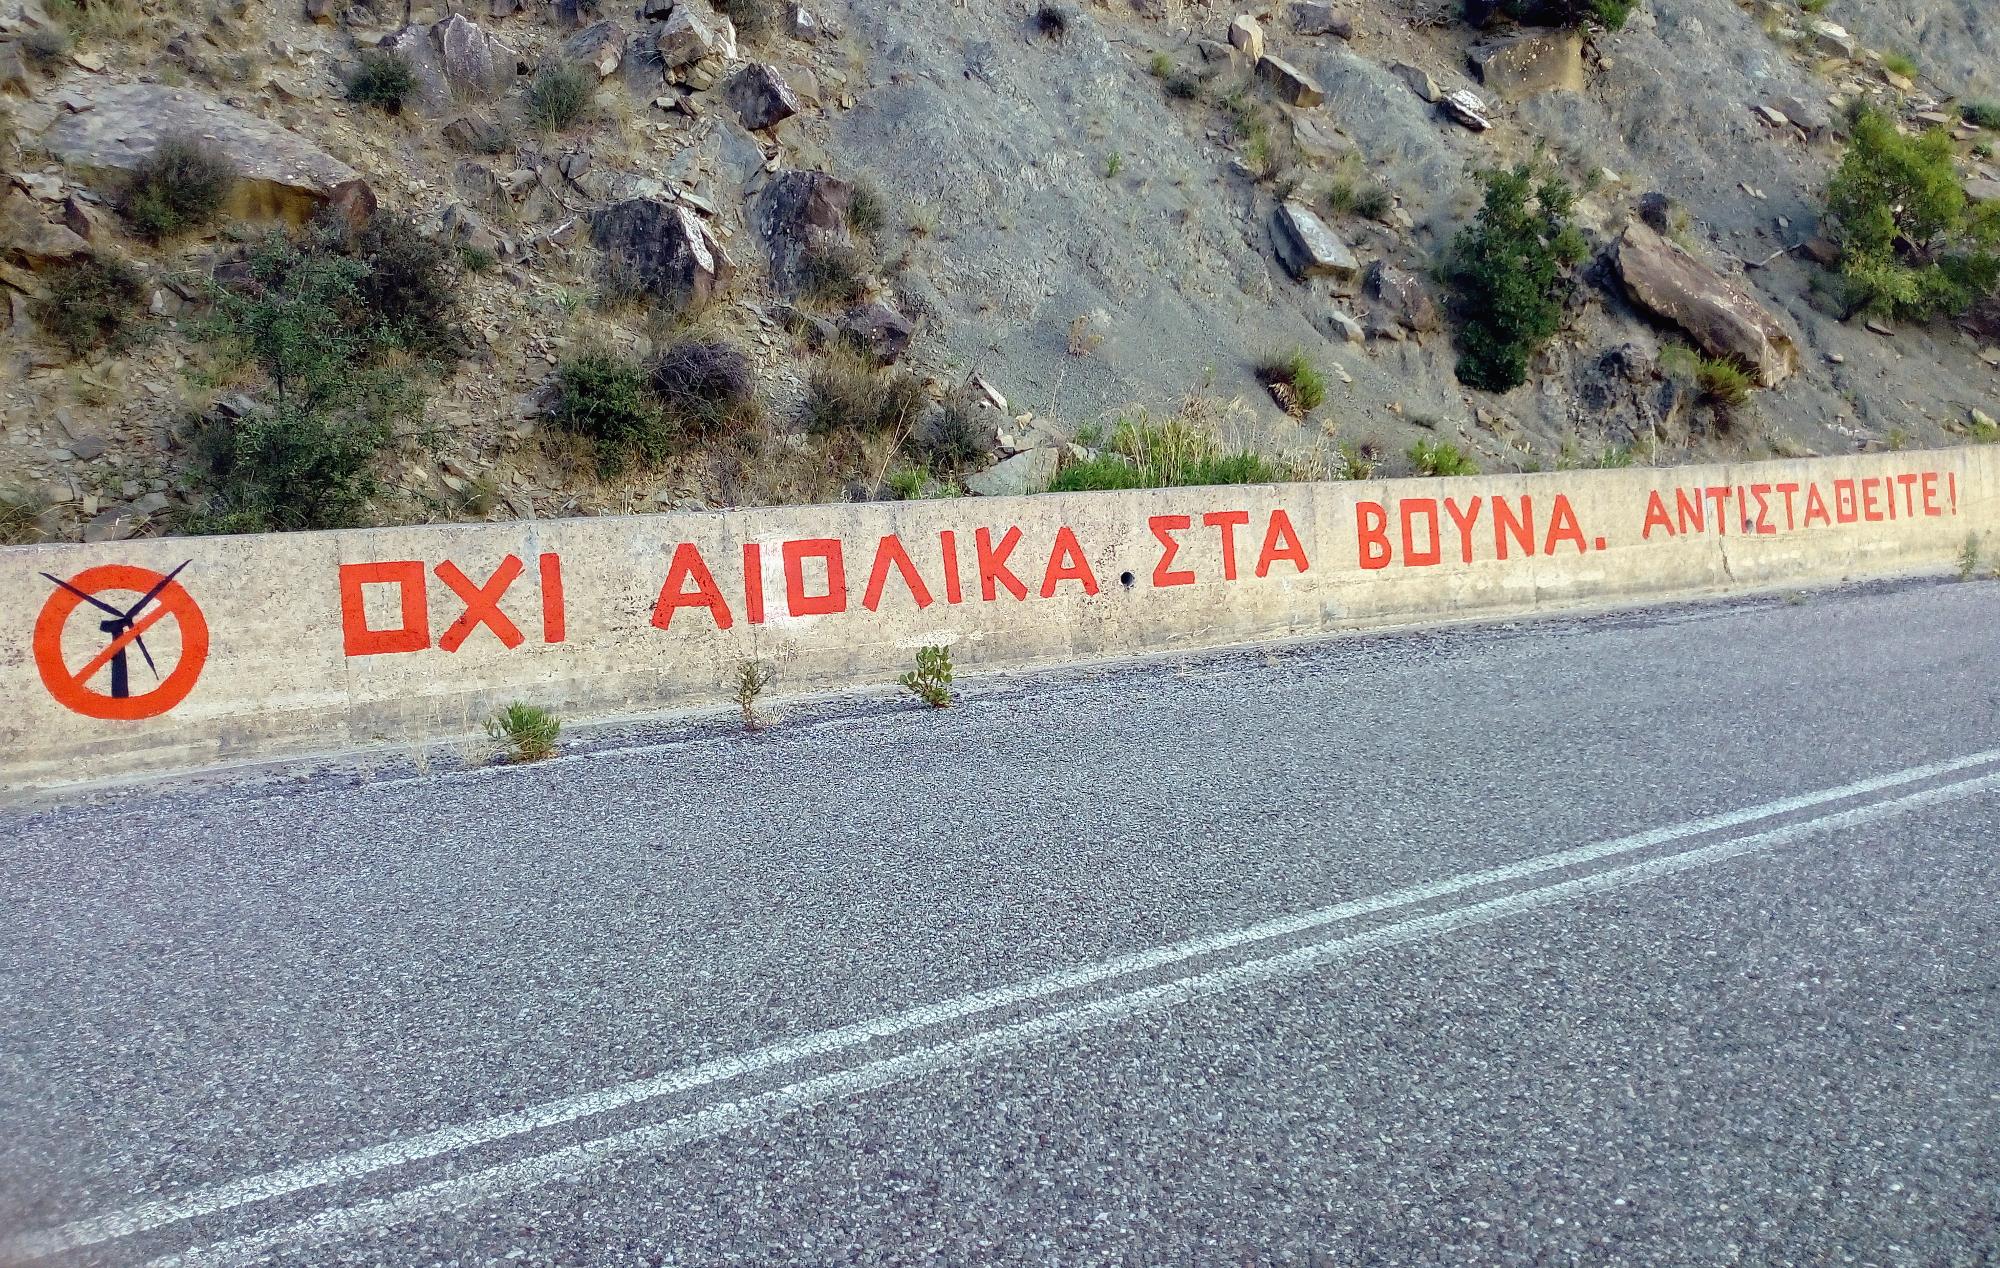 Λαϊκή Συσπείρωση: κάλεσμα σε συγκέντρωση στο Καρπενήσι για την επέλαση των ΑΠΕ